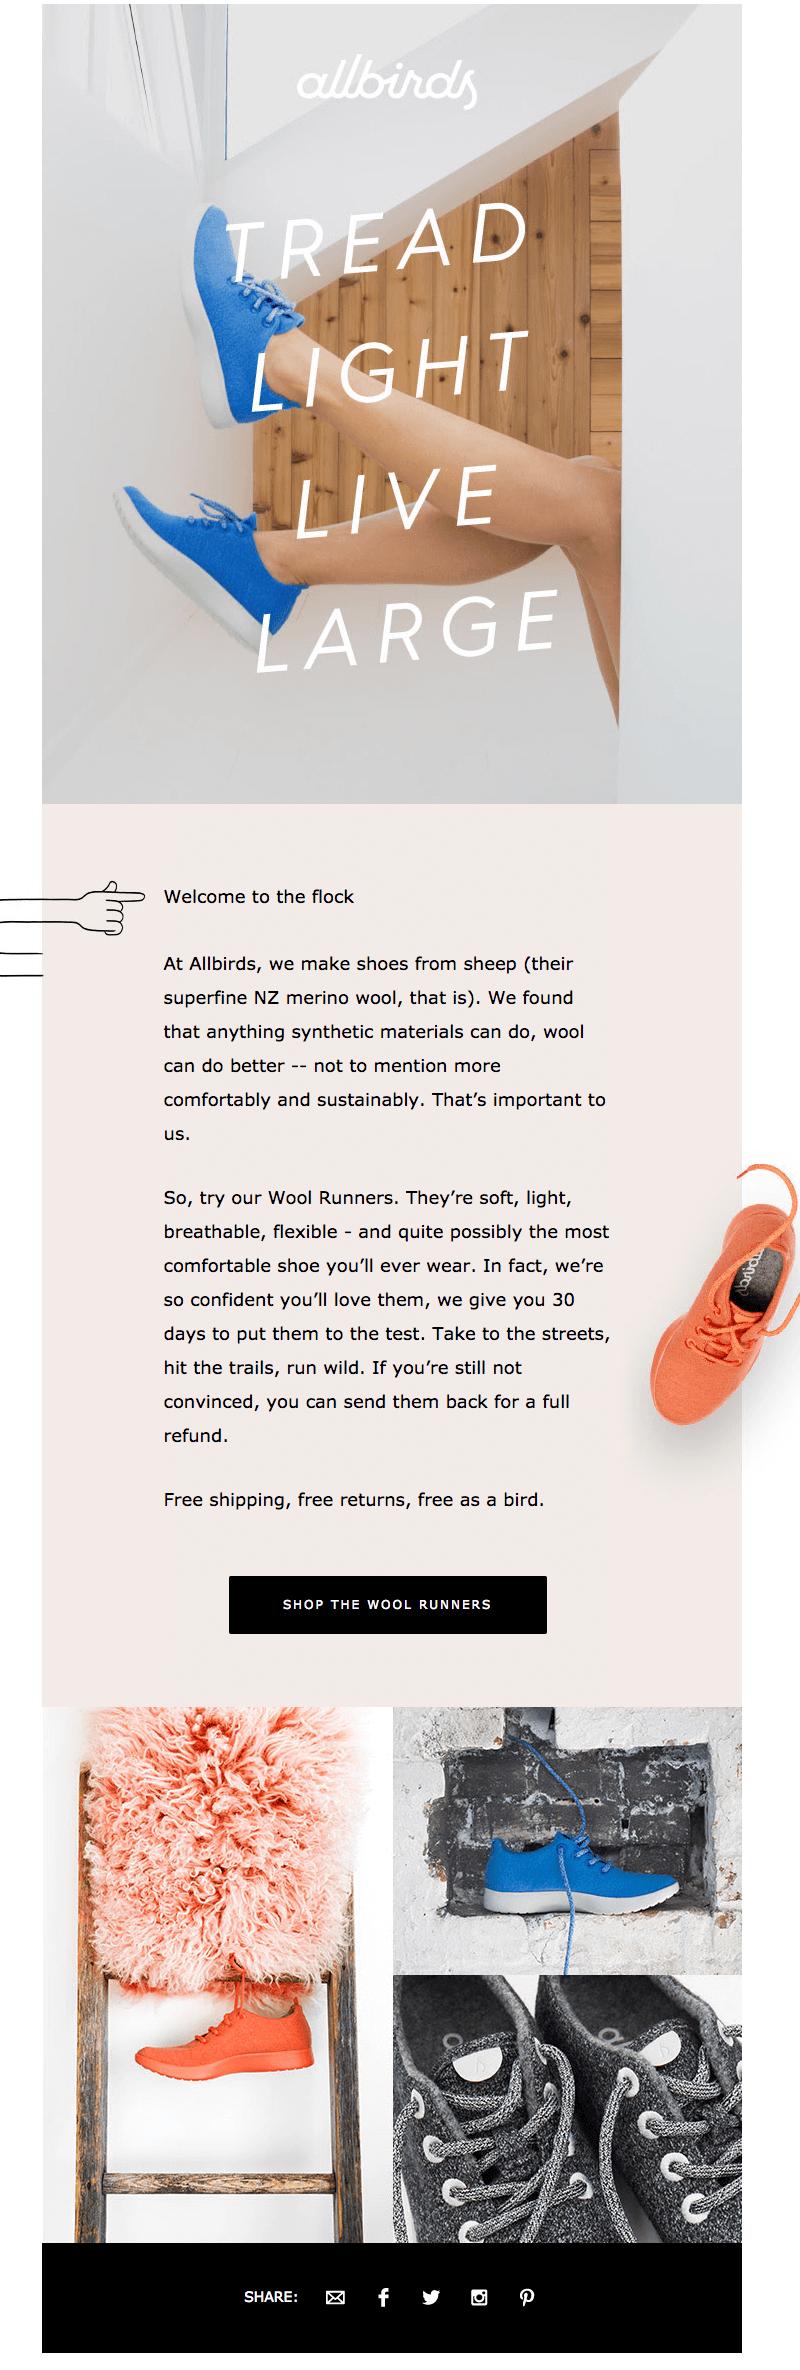 allbirds welcome email design tips